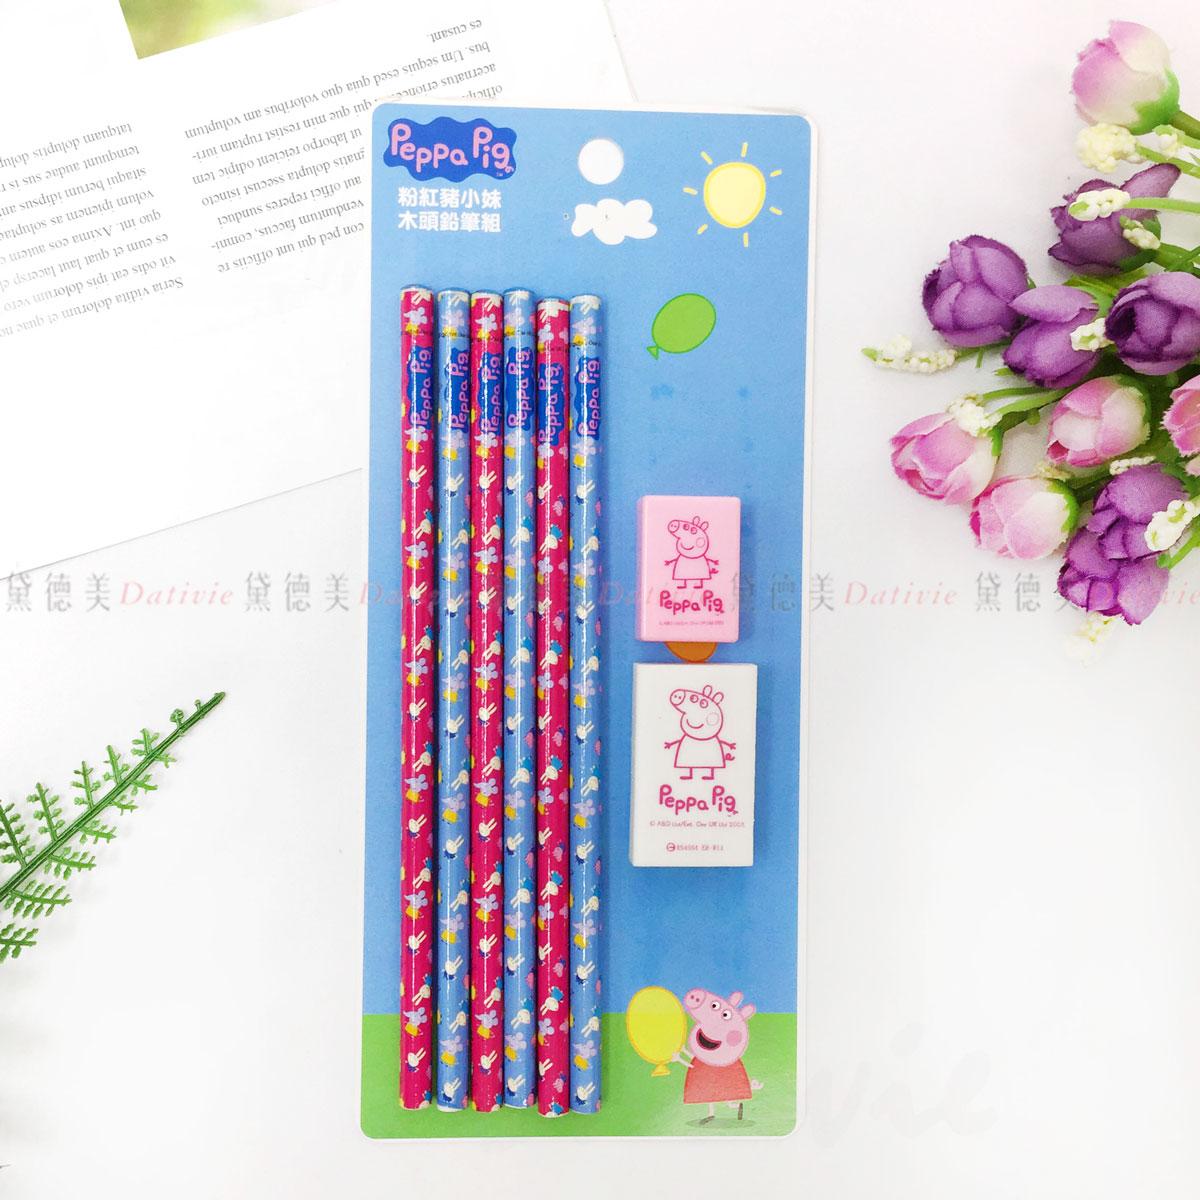 三角木頭鉛筆組 佩佩豬 Peppa Pig 粉紅小豬  正版授權